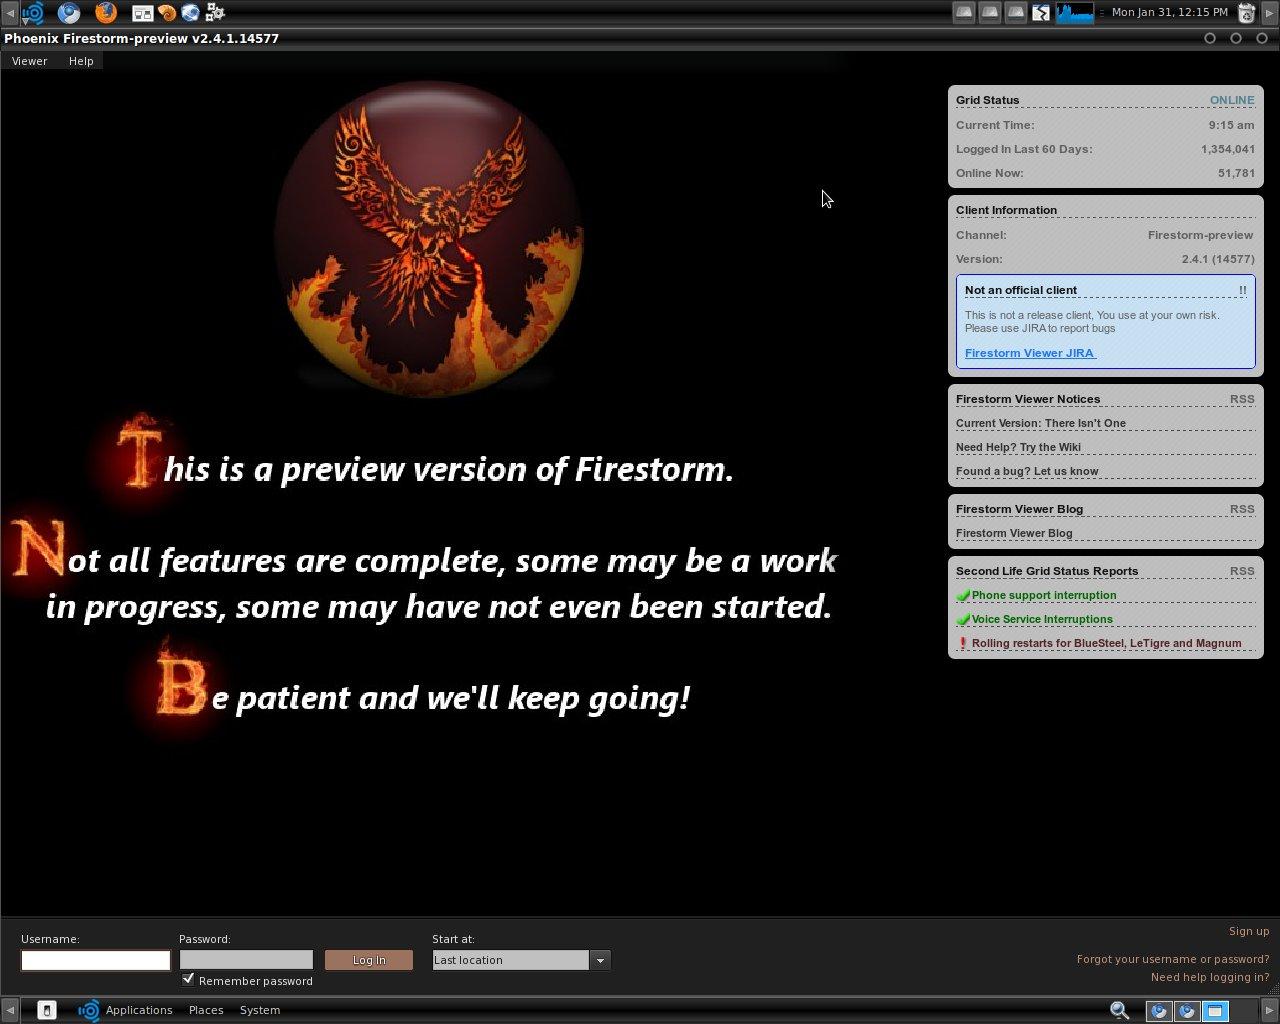 firestorm second life viewer download